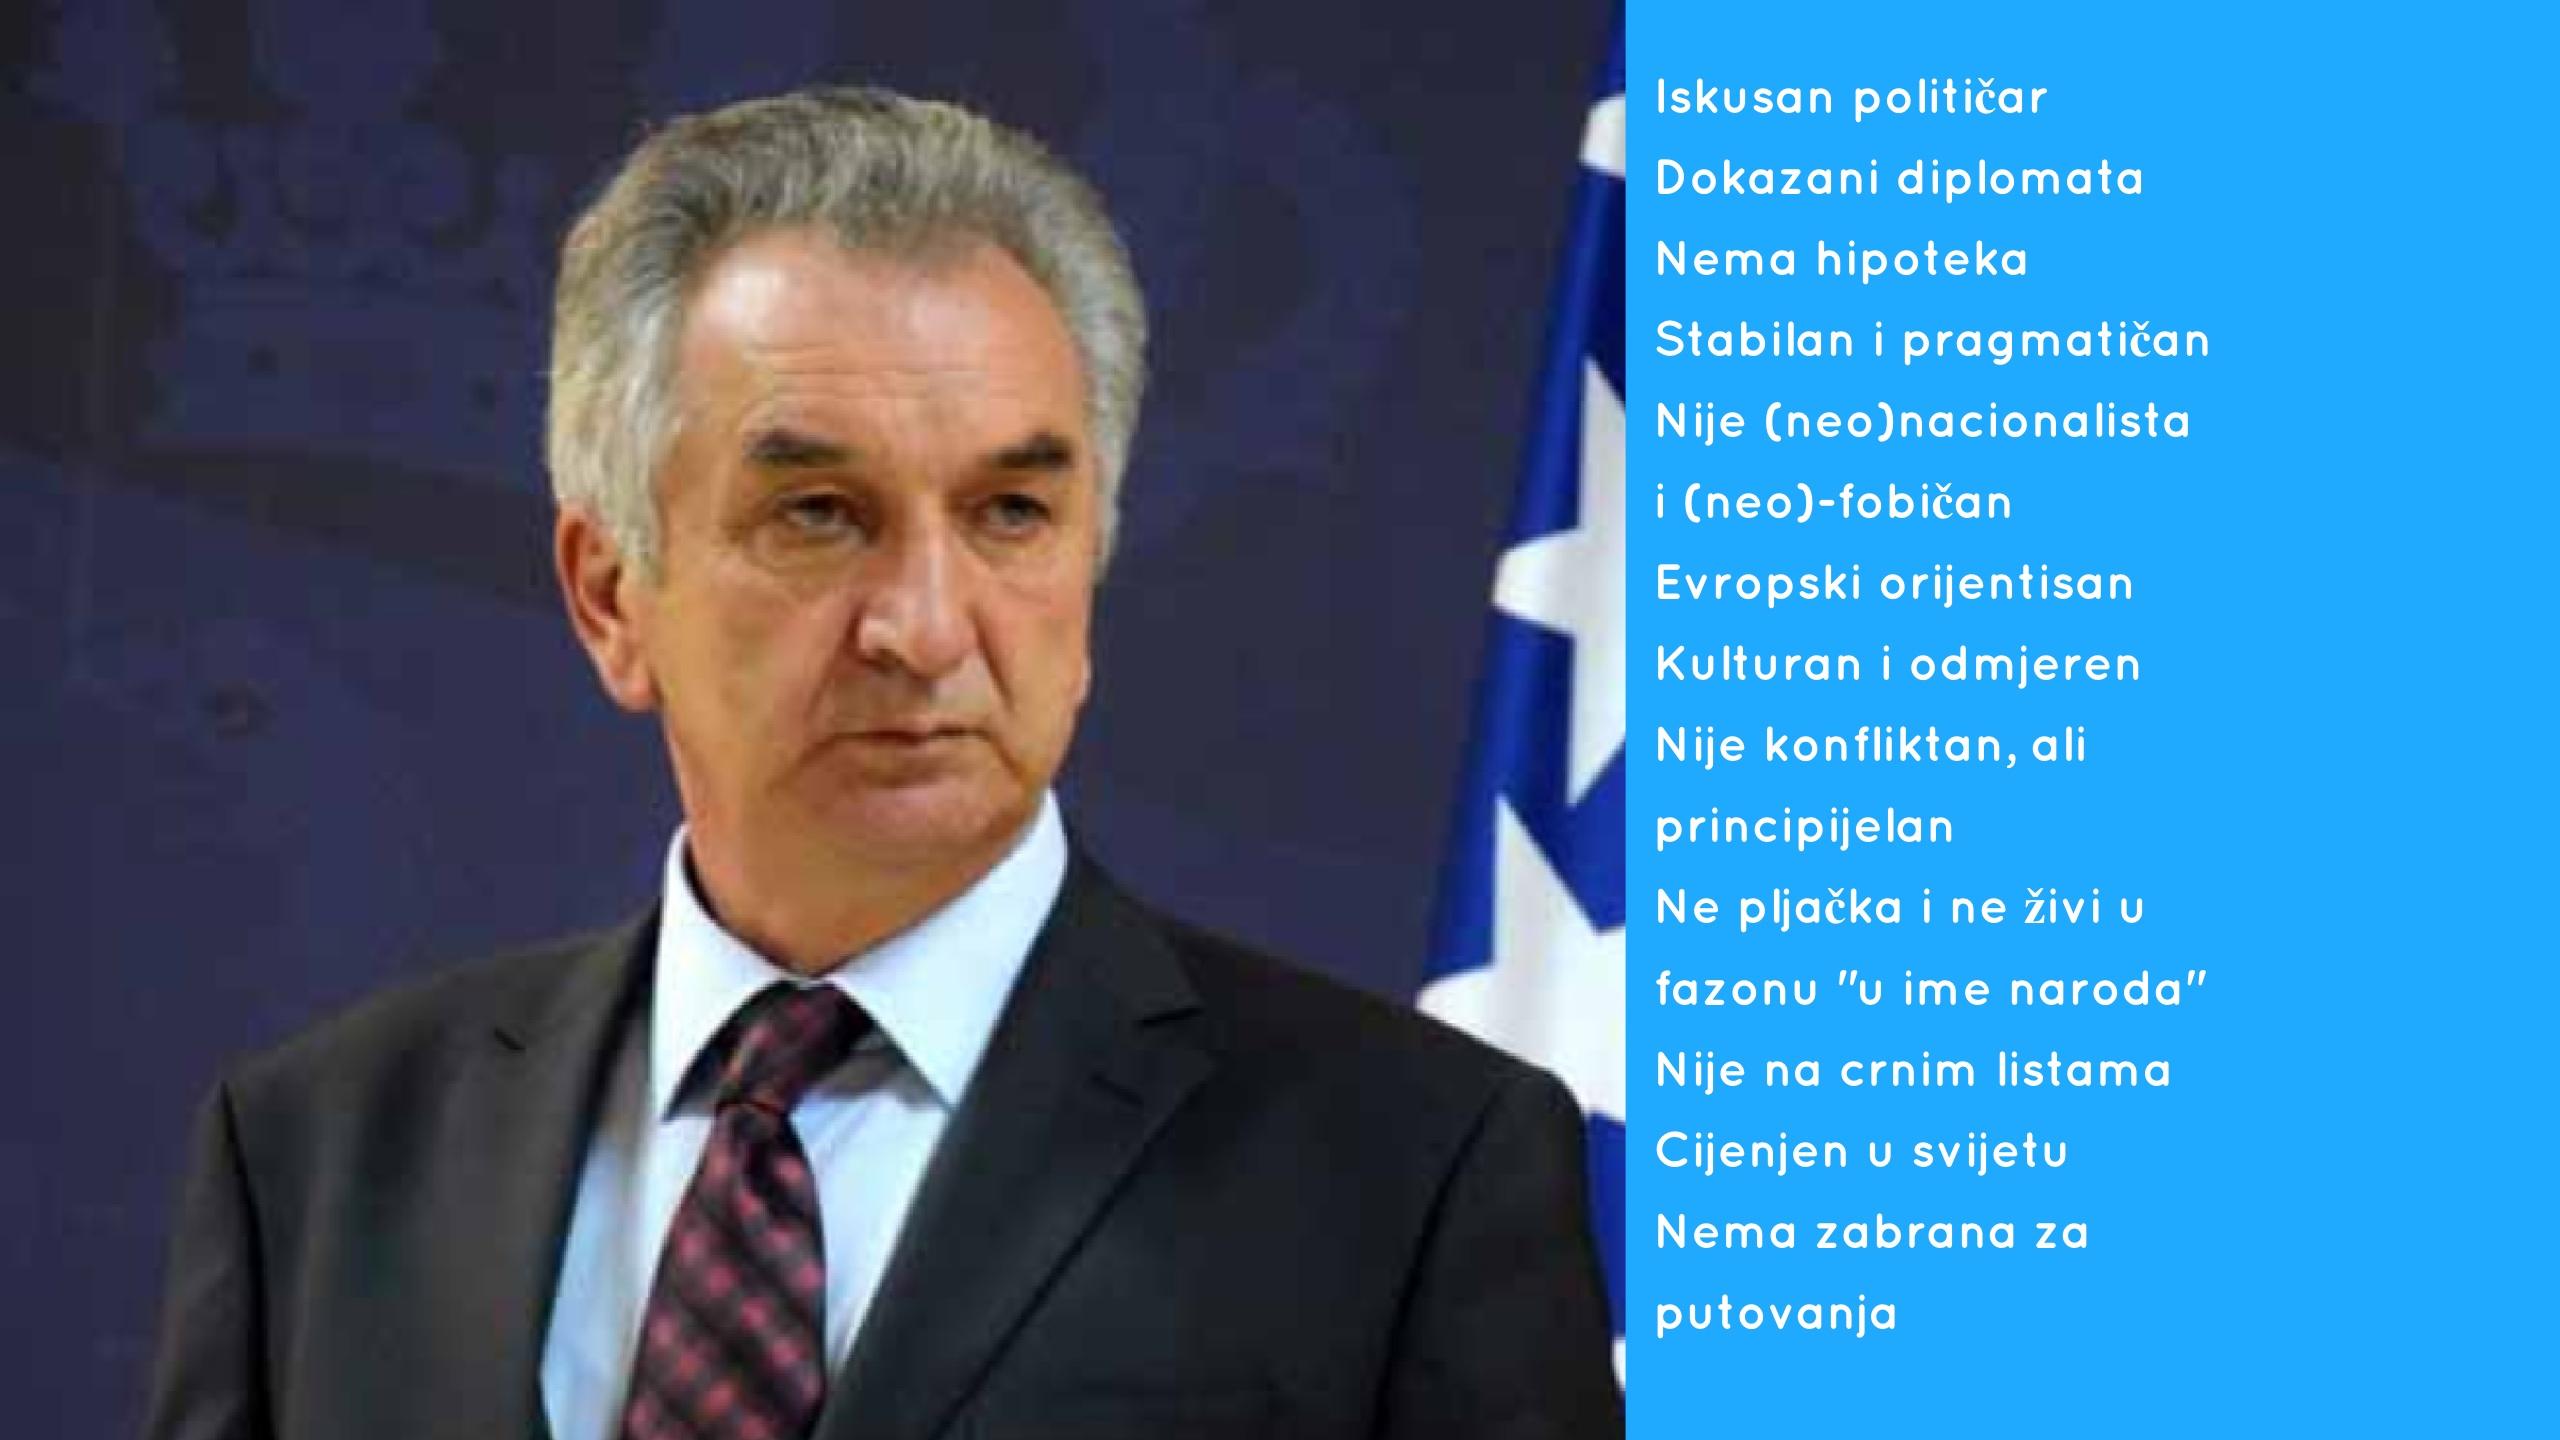 Ministar Šarović: Prihvatio bih kandidaturu za Člana Predsjedništva BiH